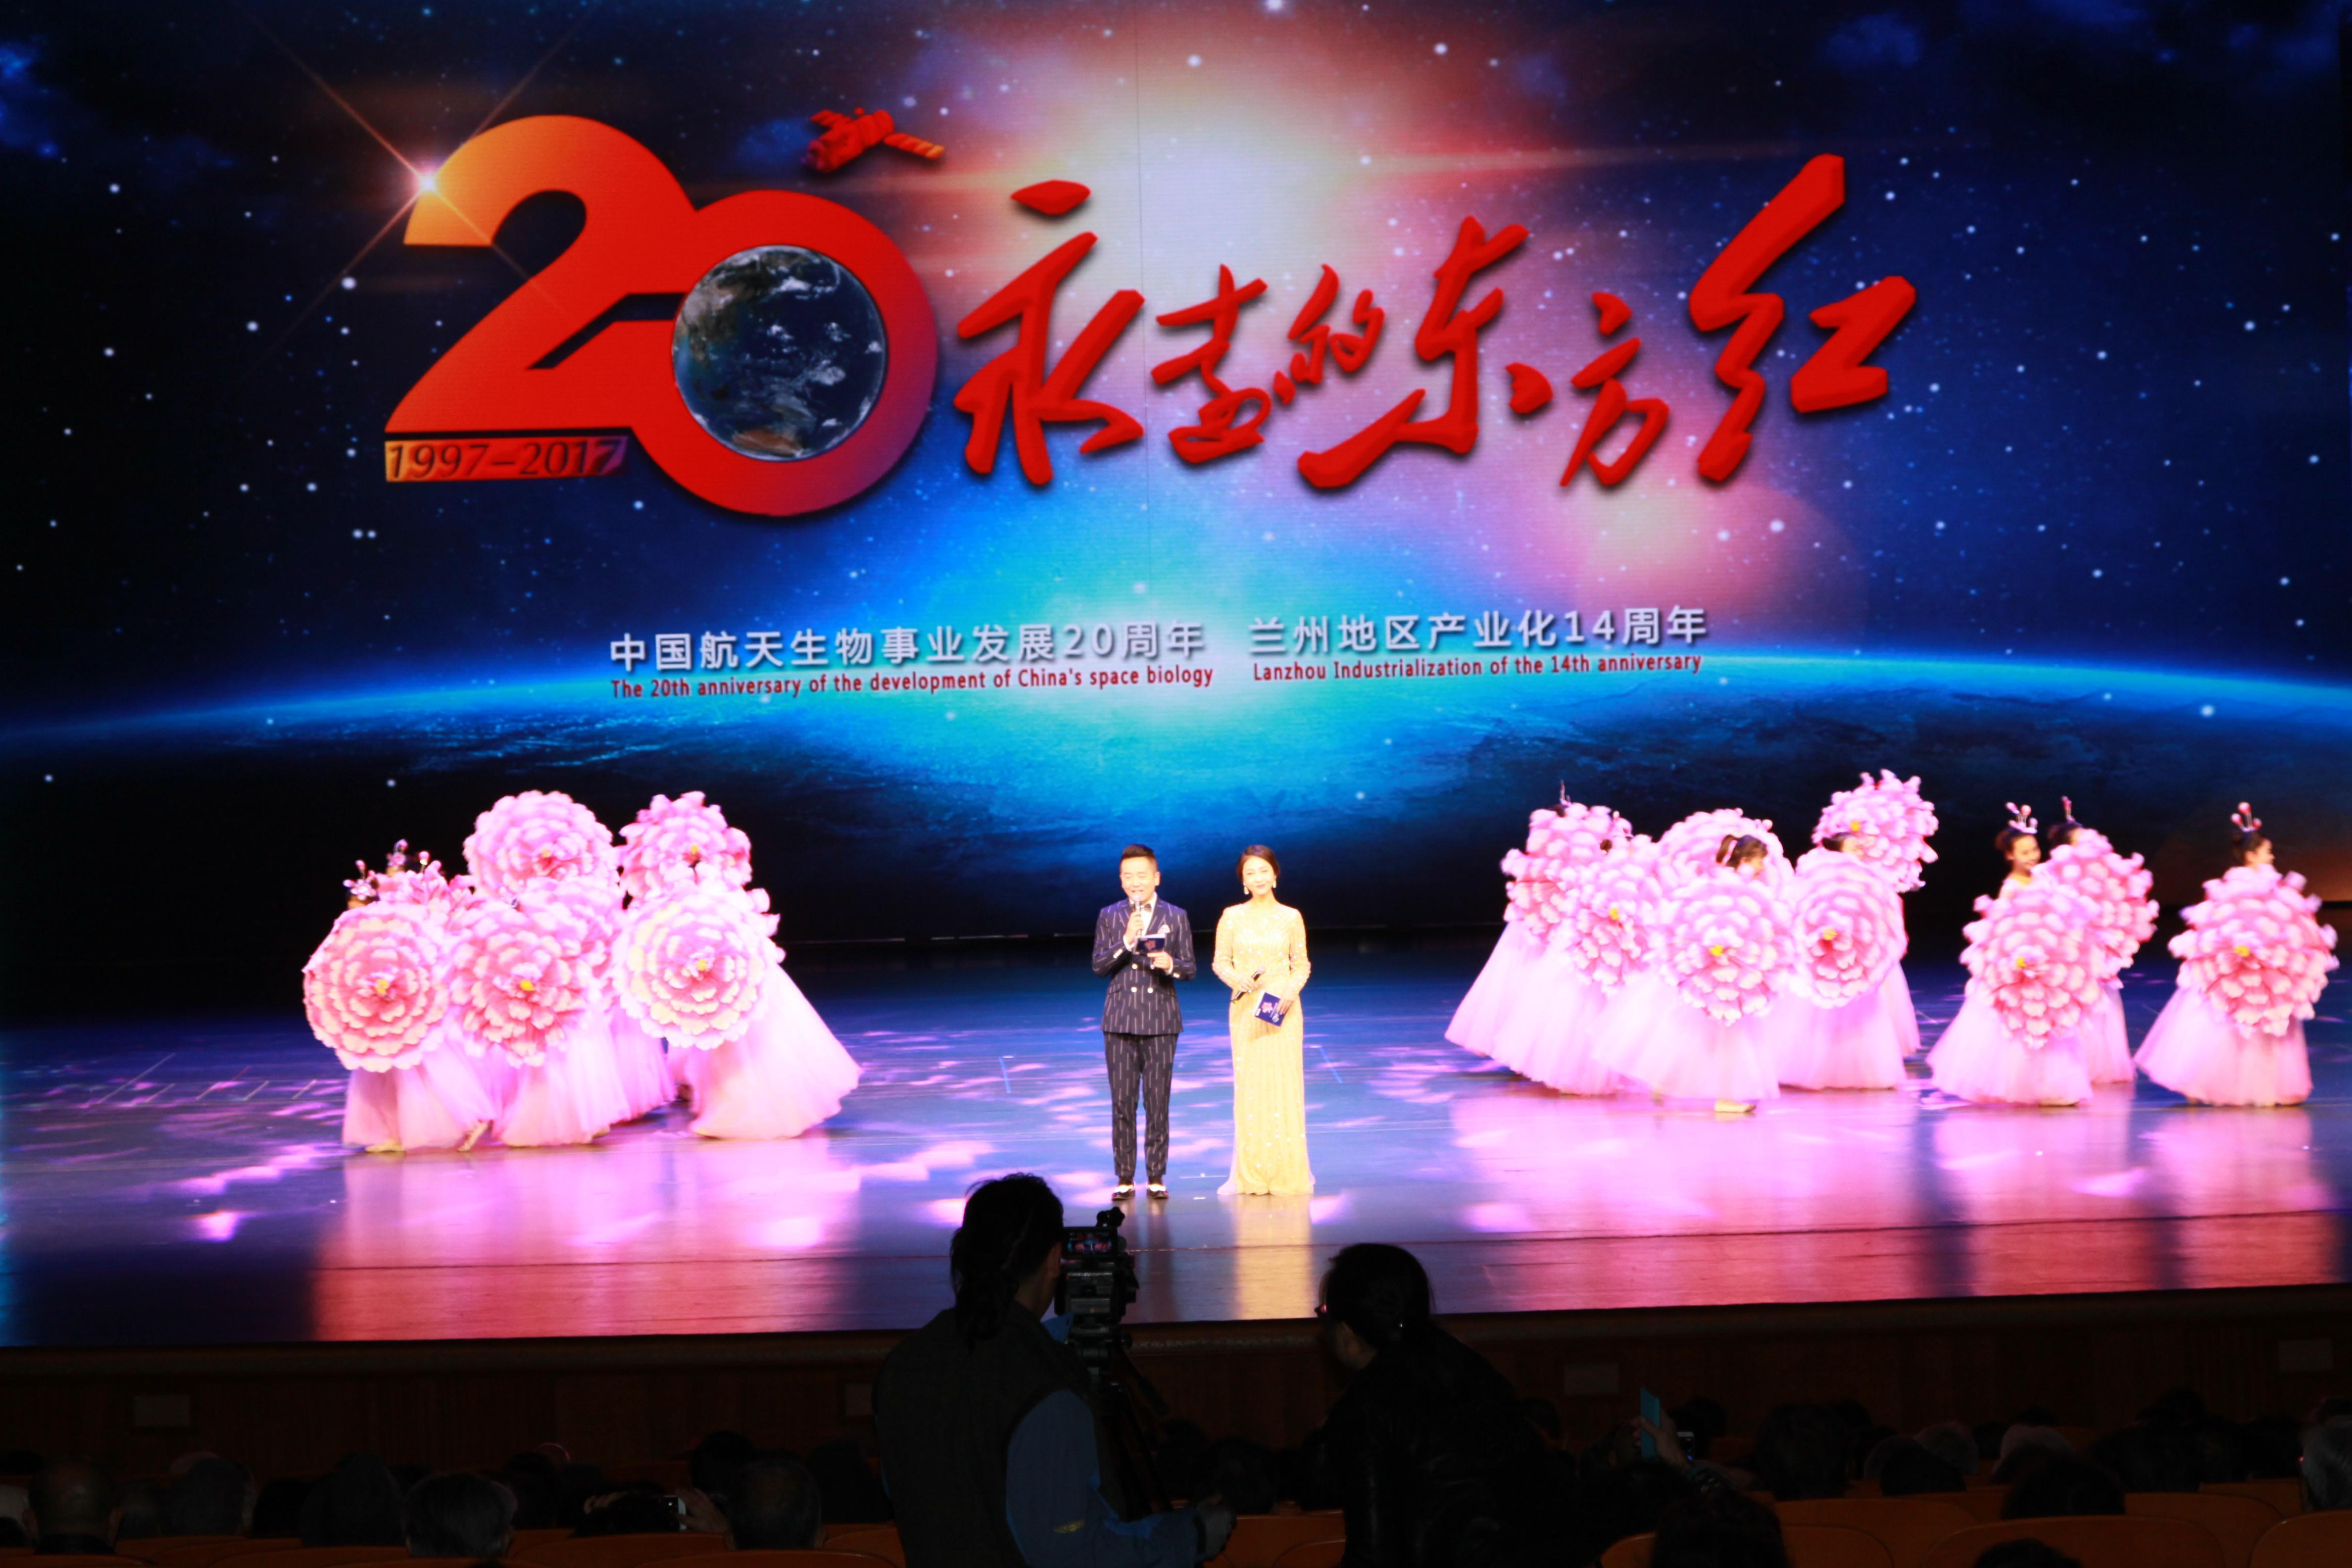 神舟五号-中国航天生物20周年荣耀盛典西北分会场隆重举行